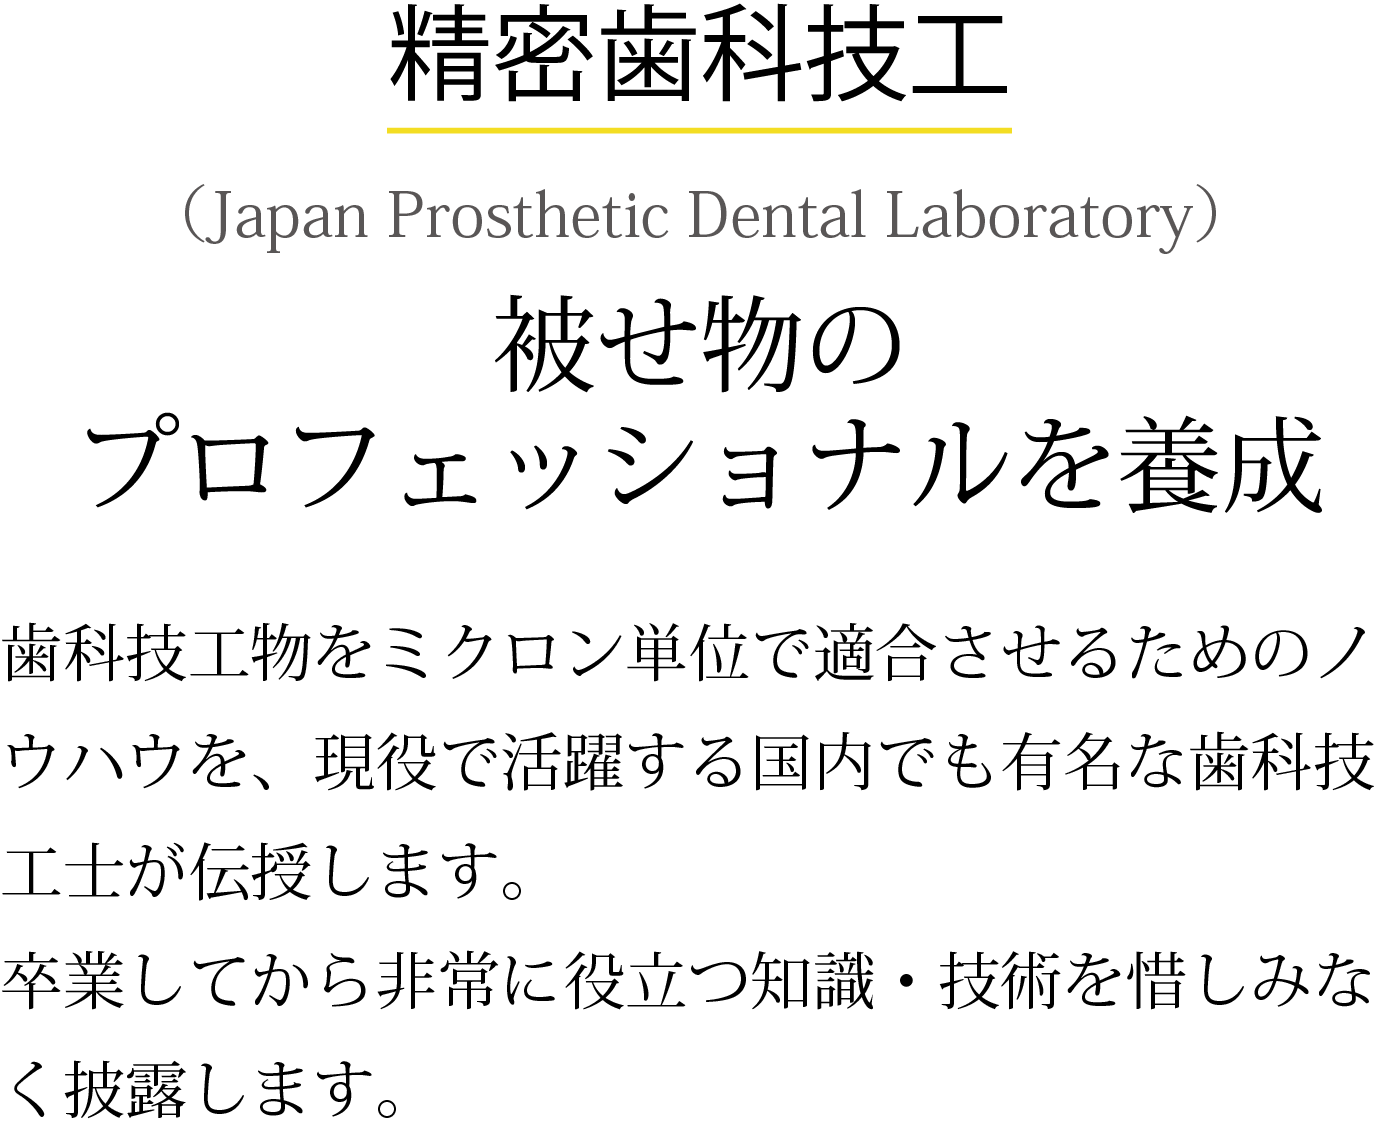 ●精密歯科技工(Japan Prosthetic Dental Laboratory) 被せ物のプロフェッショナルを養成 技工物をミクロン単位で適合させるためのノウハウを、現役で活躍する歯科技工士が伝授します。卒業してから非常に役立つ知識・技術を惜しみなく披露します。